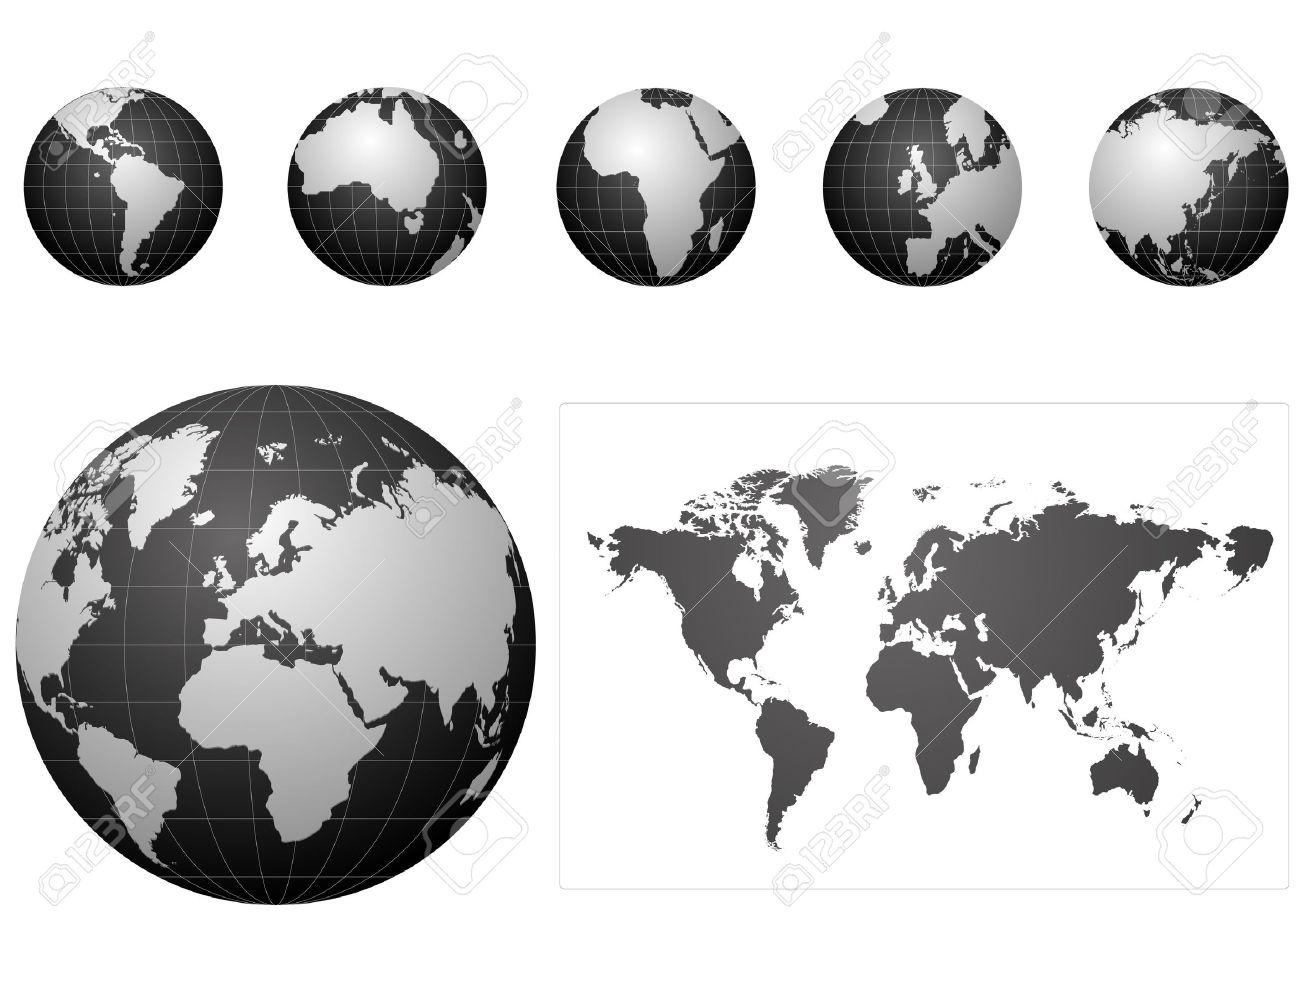 black globe icons set - 7644128